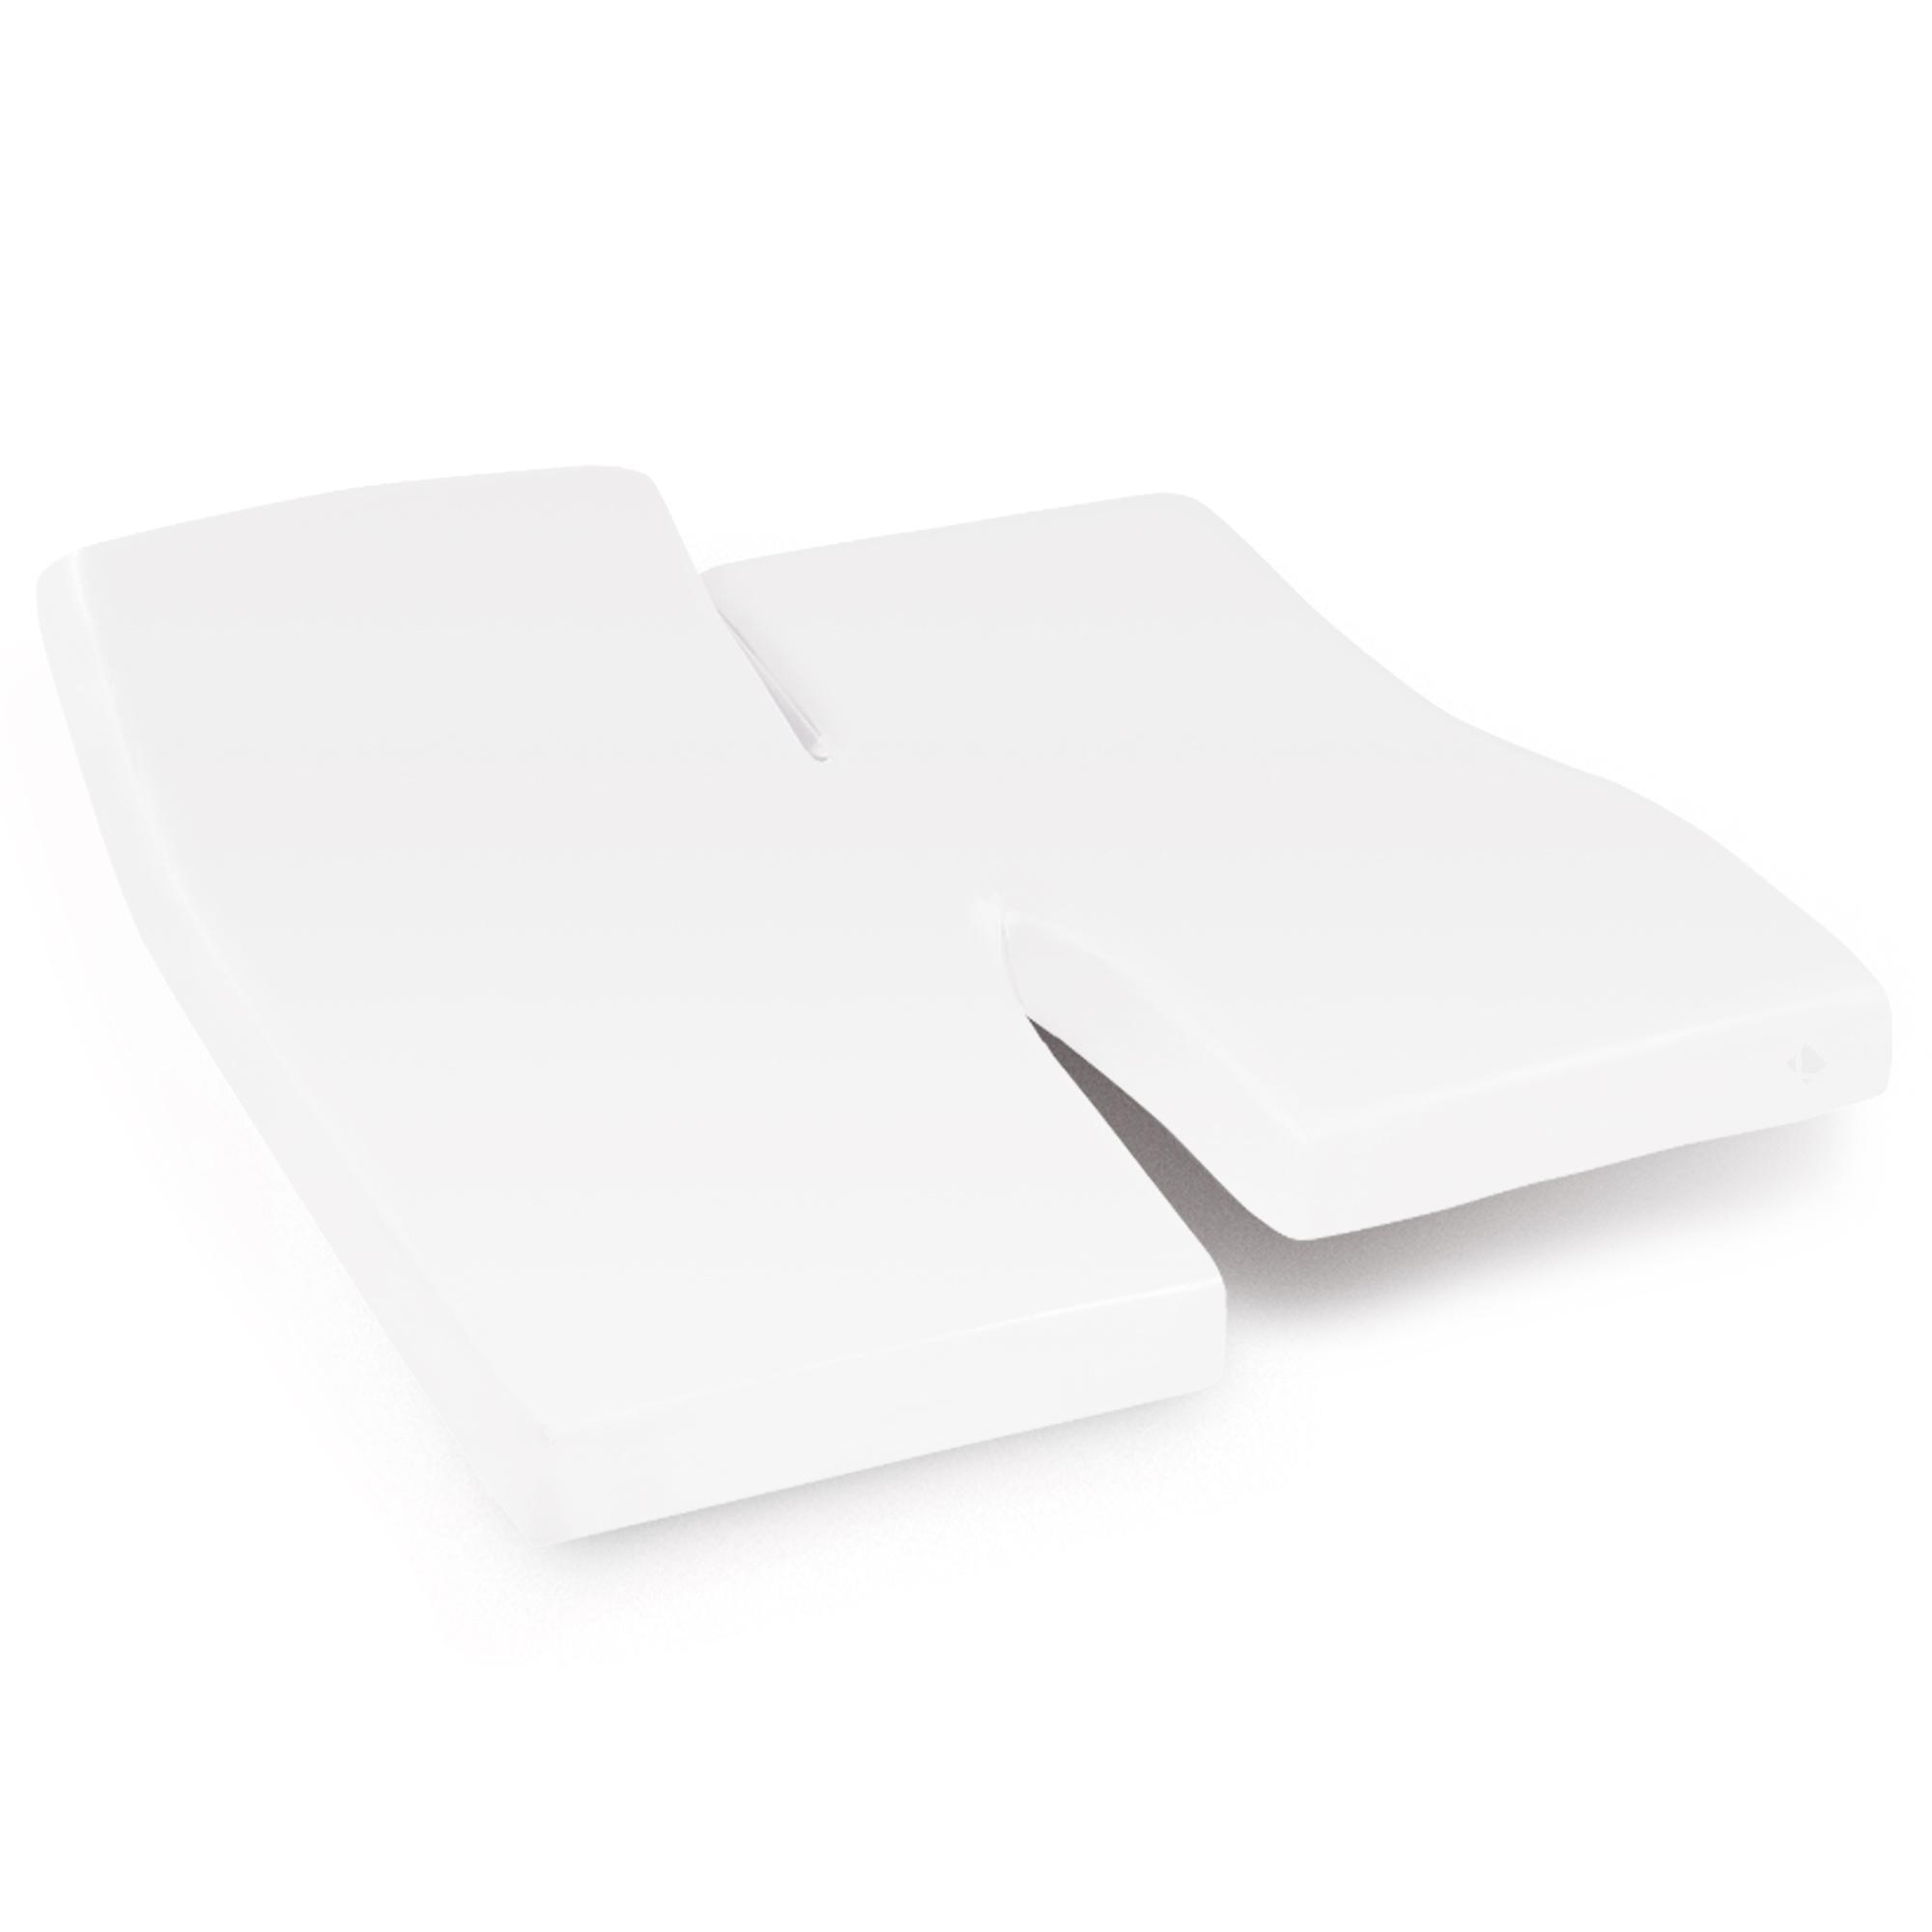 prot ge matelas imperm able 2x80x190 cm lit articul tpr bonnet 30cm arnon molleton 100 coton. Black Bedroom Furniture Sets. Home Design Ideas